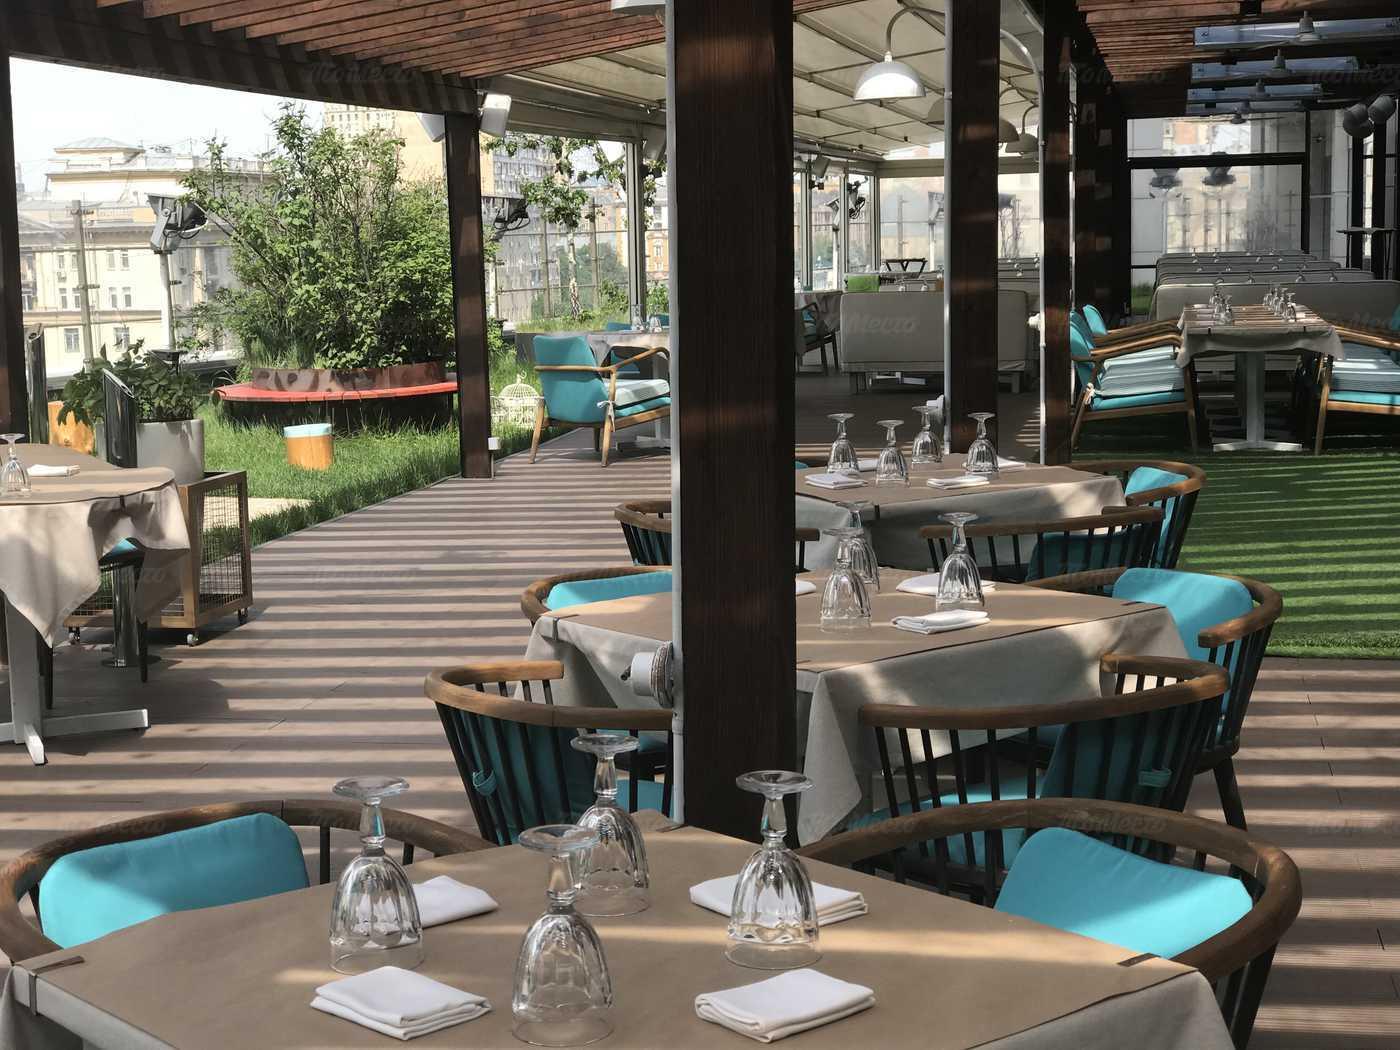 Москва ресторан балкон фото